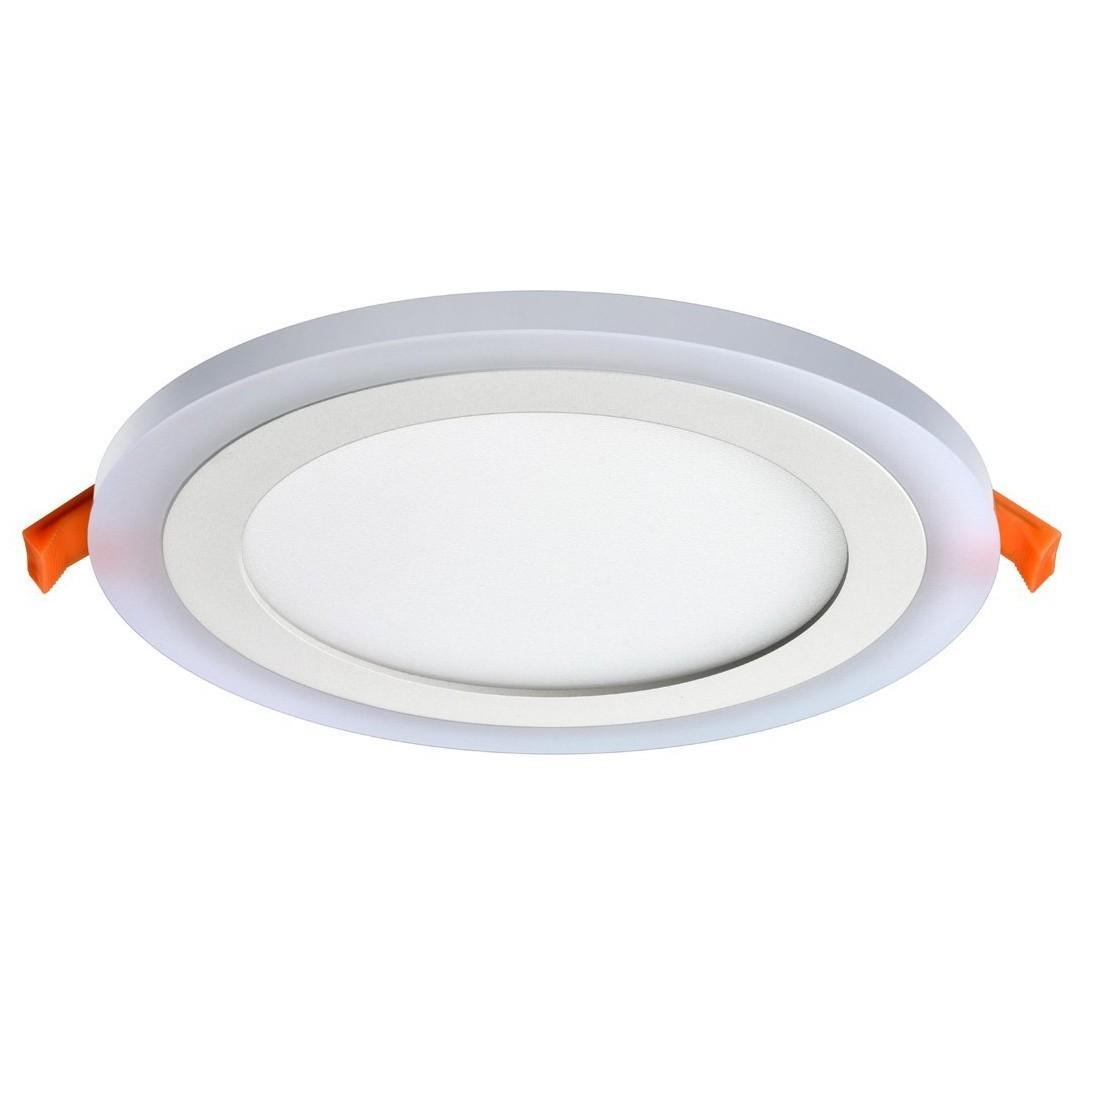 Painel LED de Embutir Redondo 9W Bivolt - Ecoline